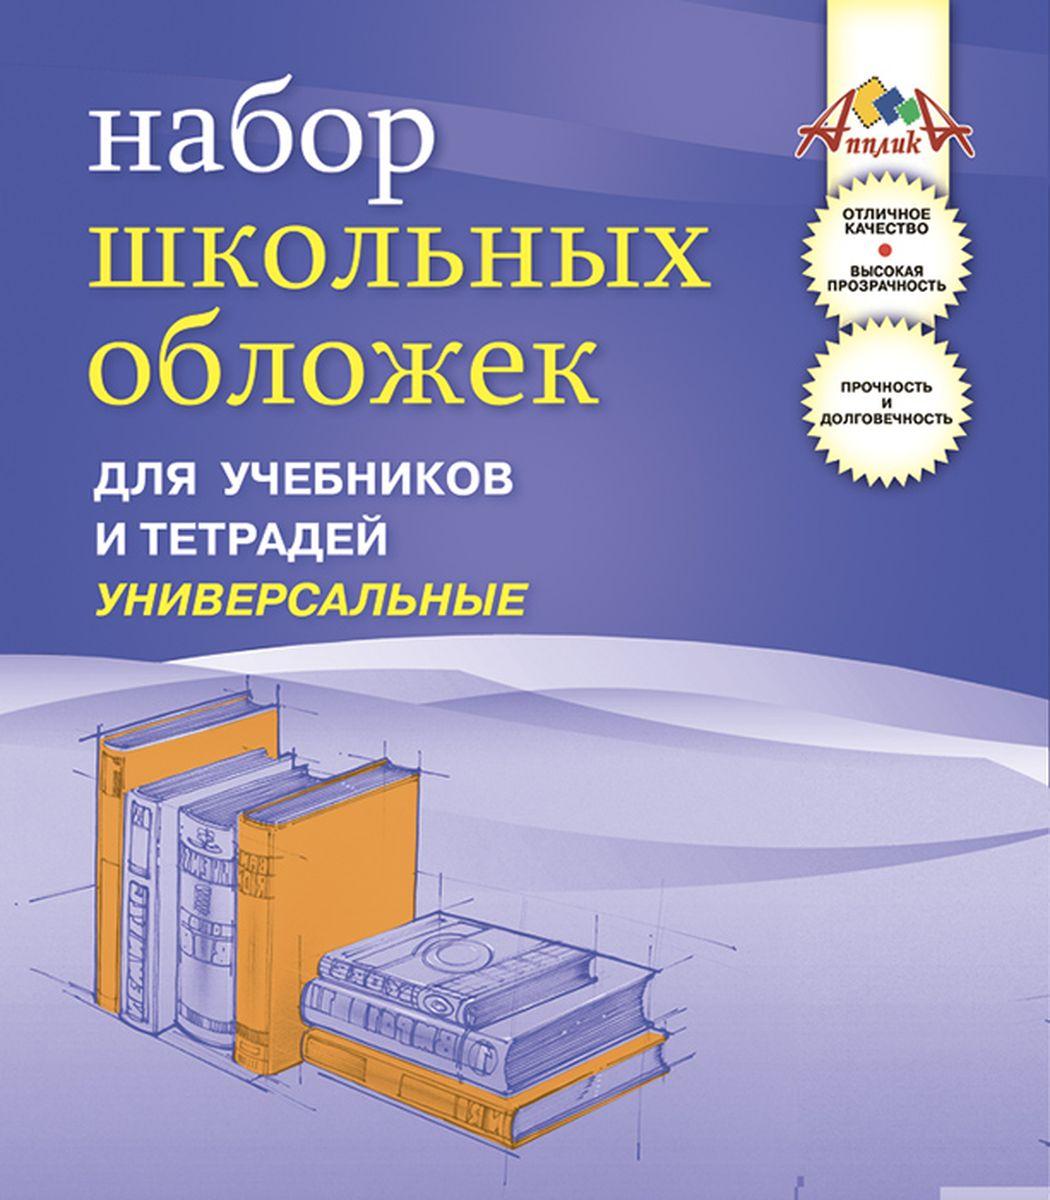 Апплика Набор универсальных обложек для учебников и тетрадей 5 шт С2473-01